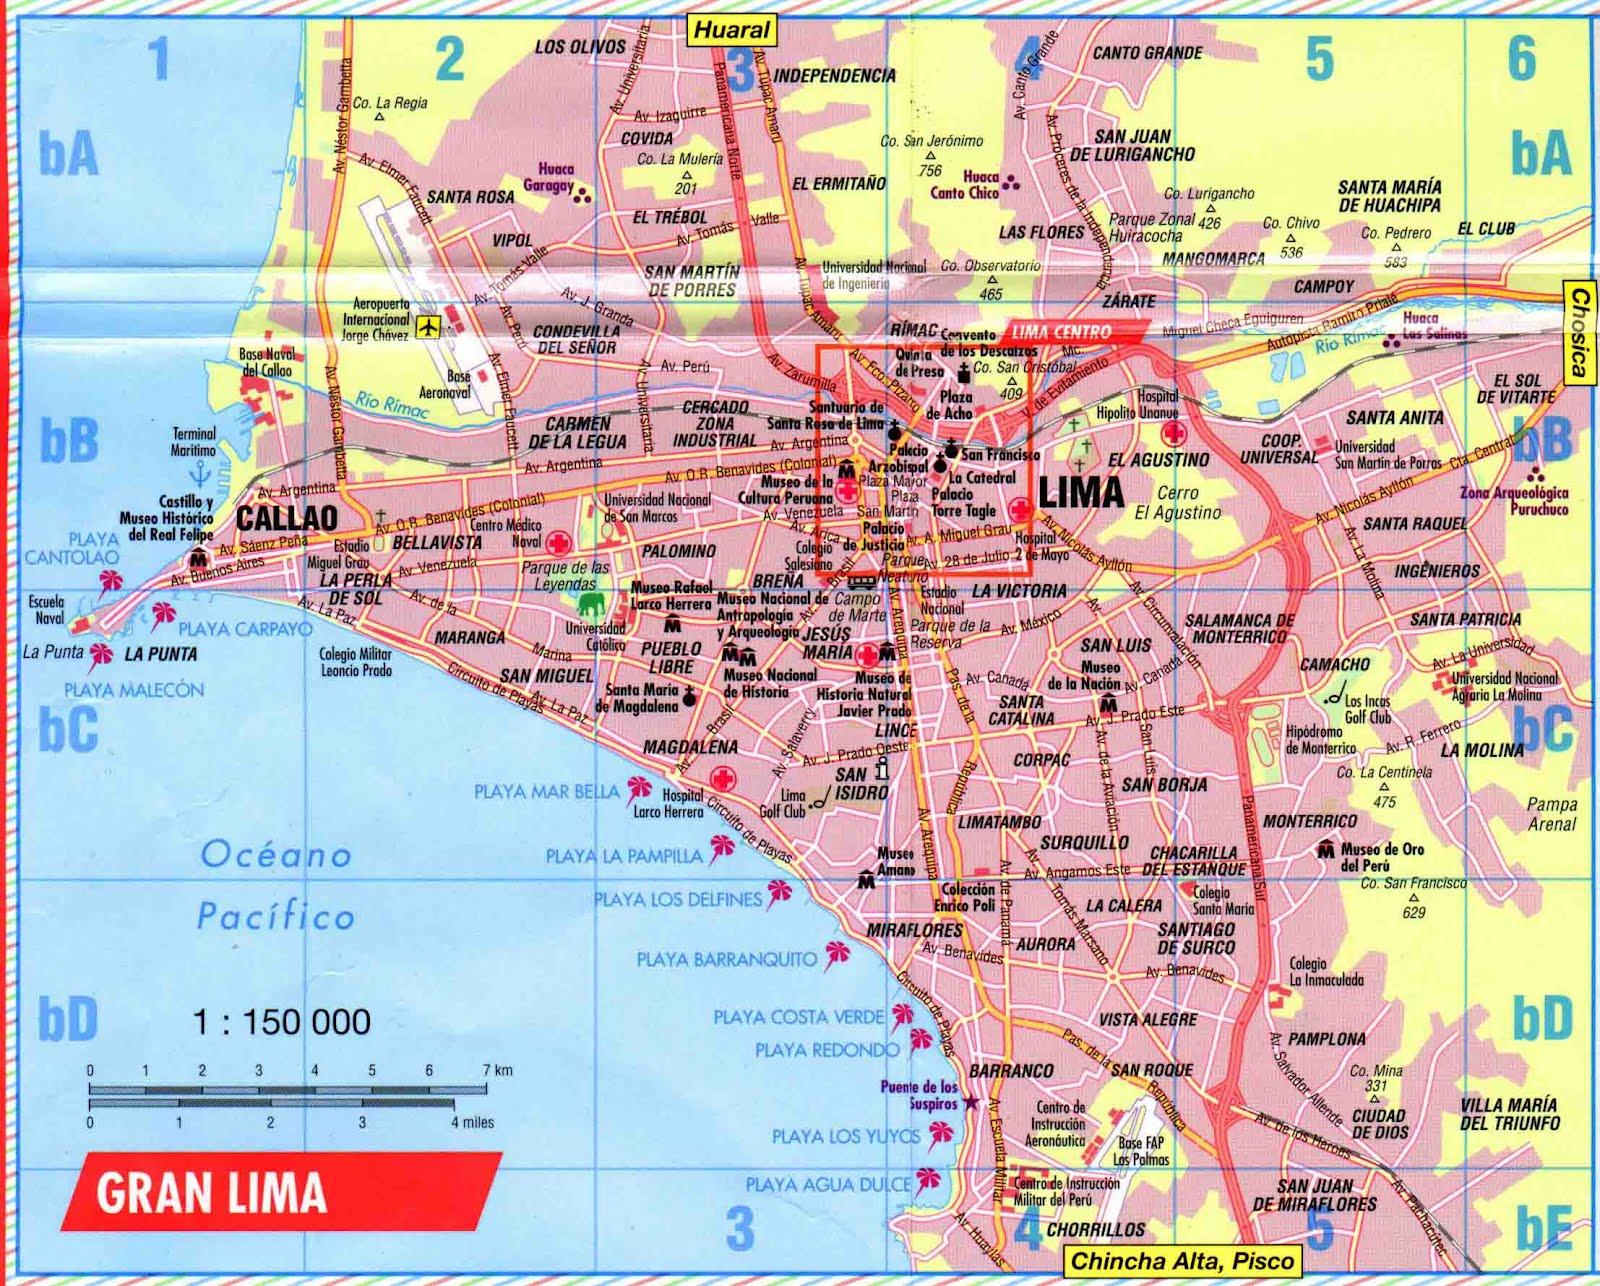 mapa do peru com cidades Mapas de Lima   Peru | MapasBlog mapa do peru com cidades